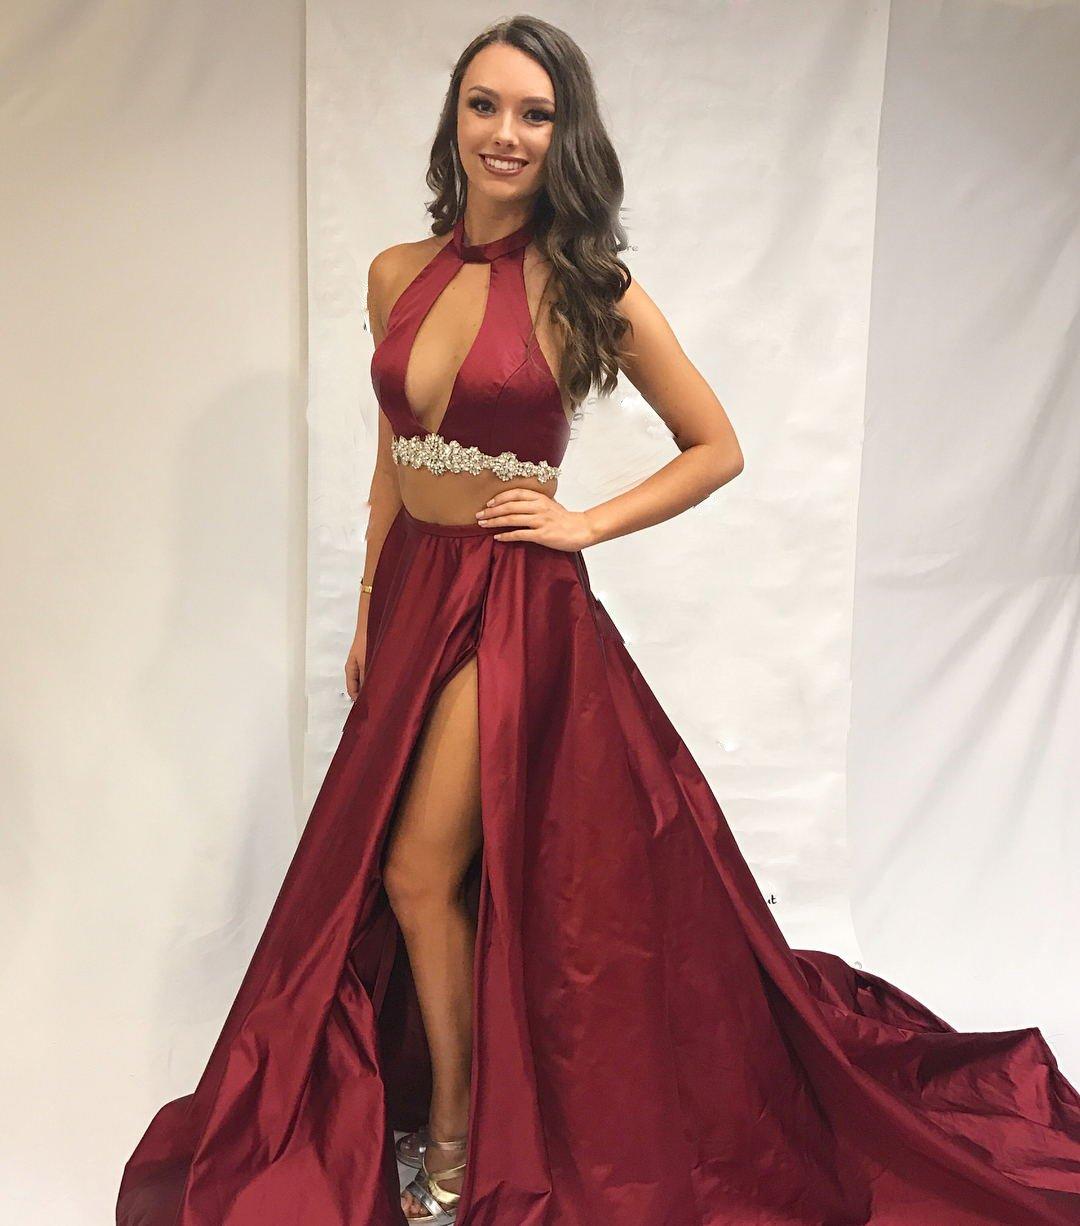 Burgundy Prom Dresses, High Neck Prom Dresses, Senior Prom Dresses ...